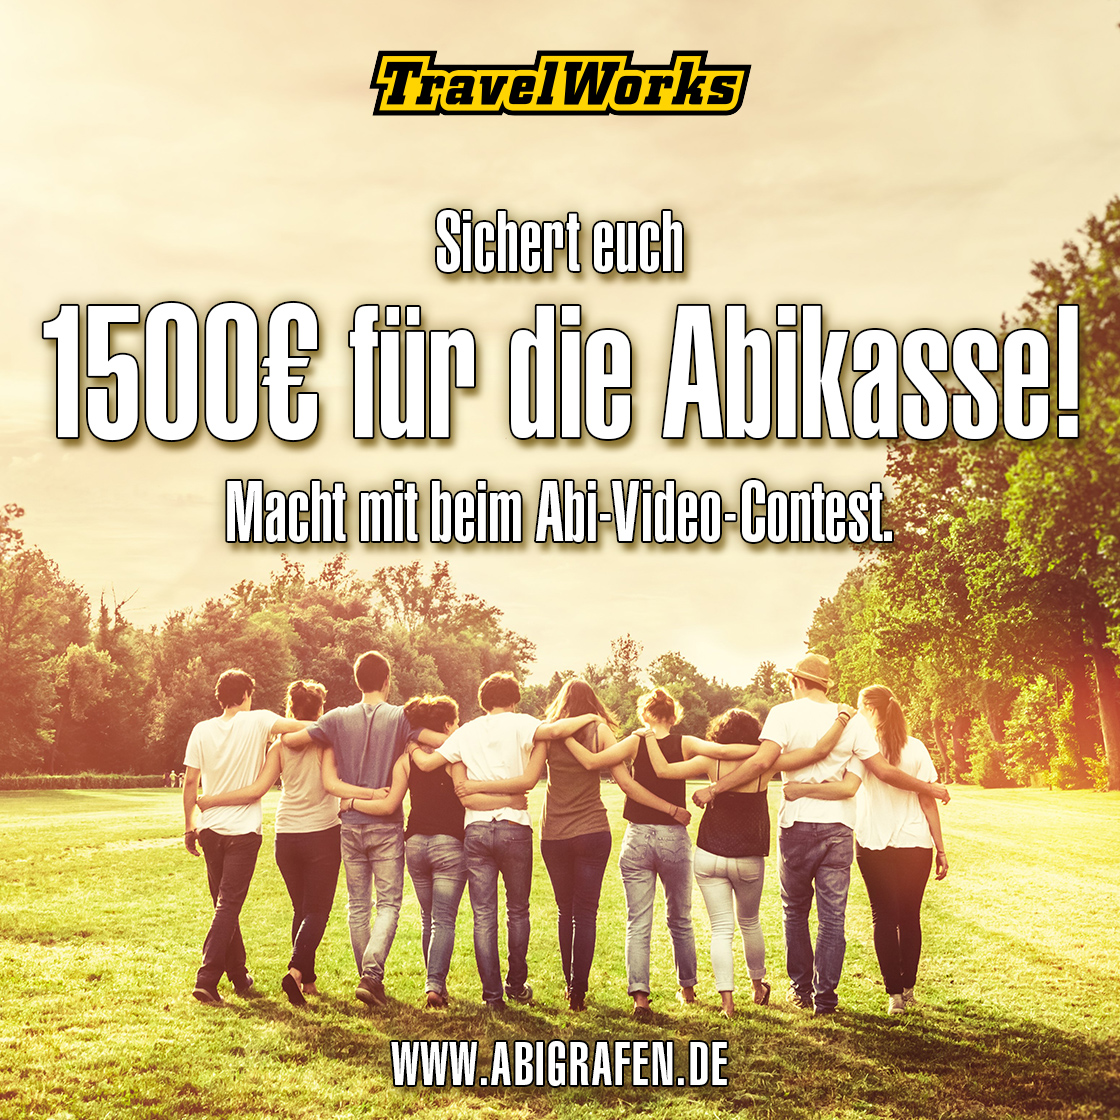 abigrafen & travelworks Gewinnspiel fürs Abi 2020